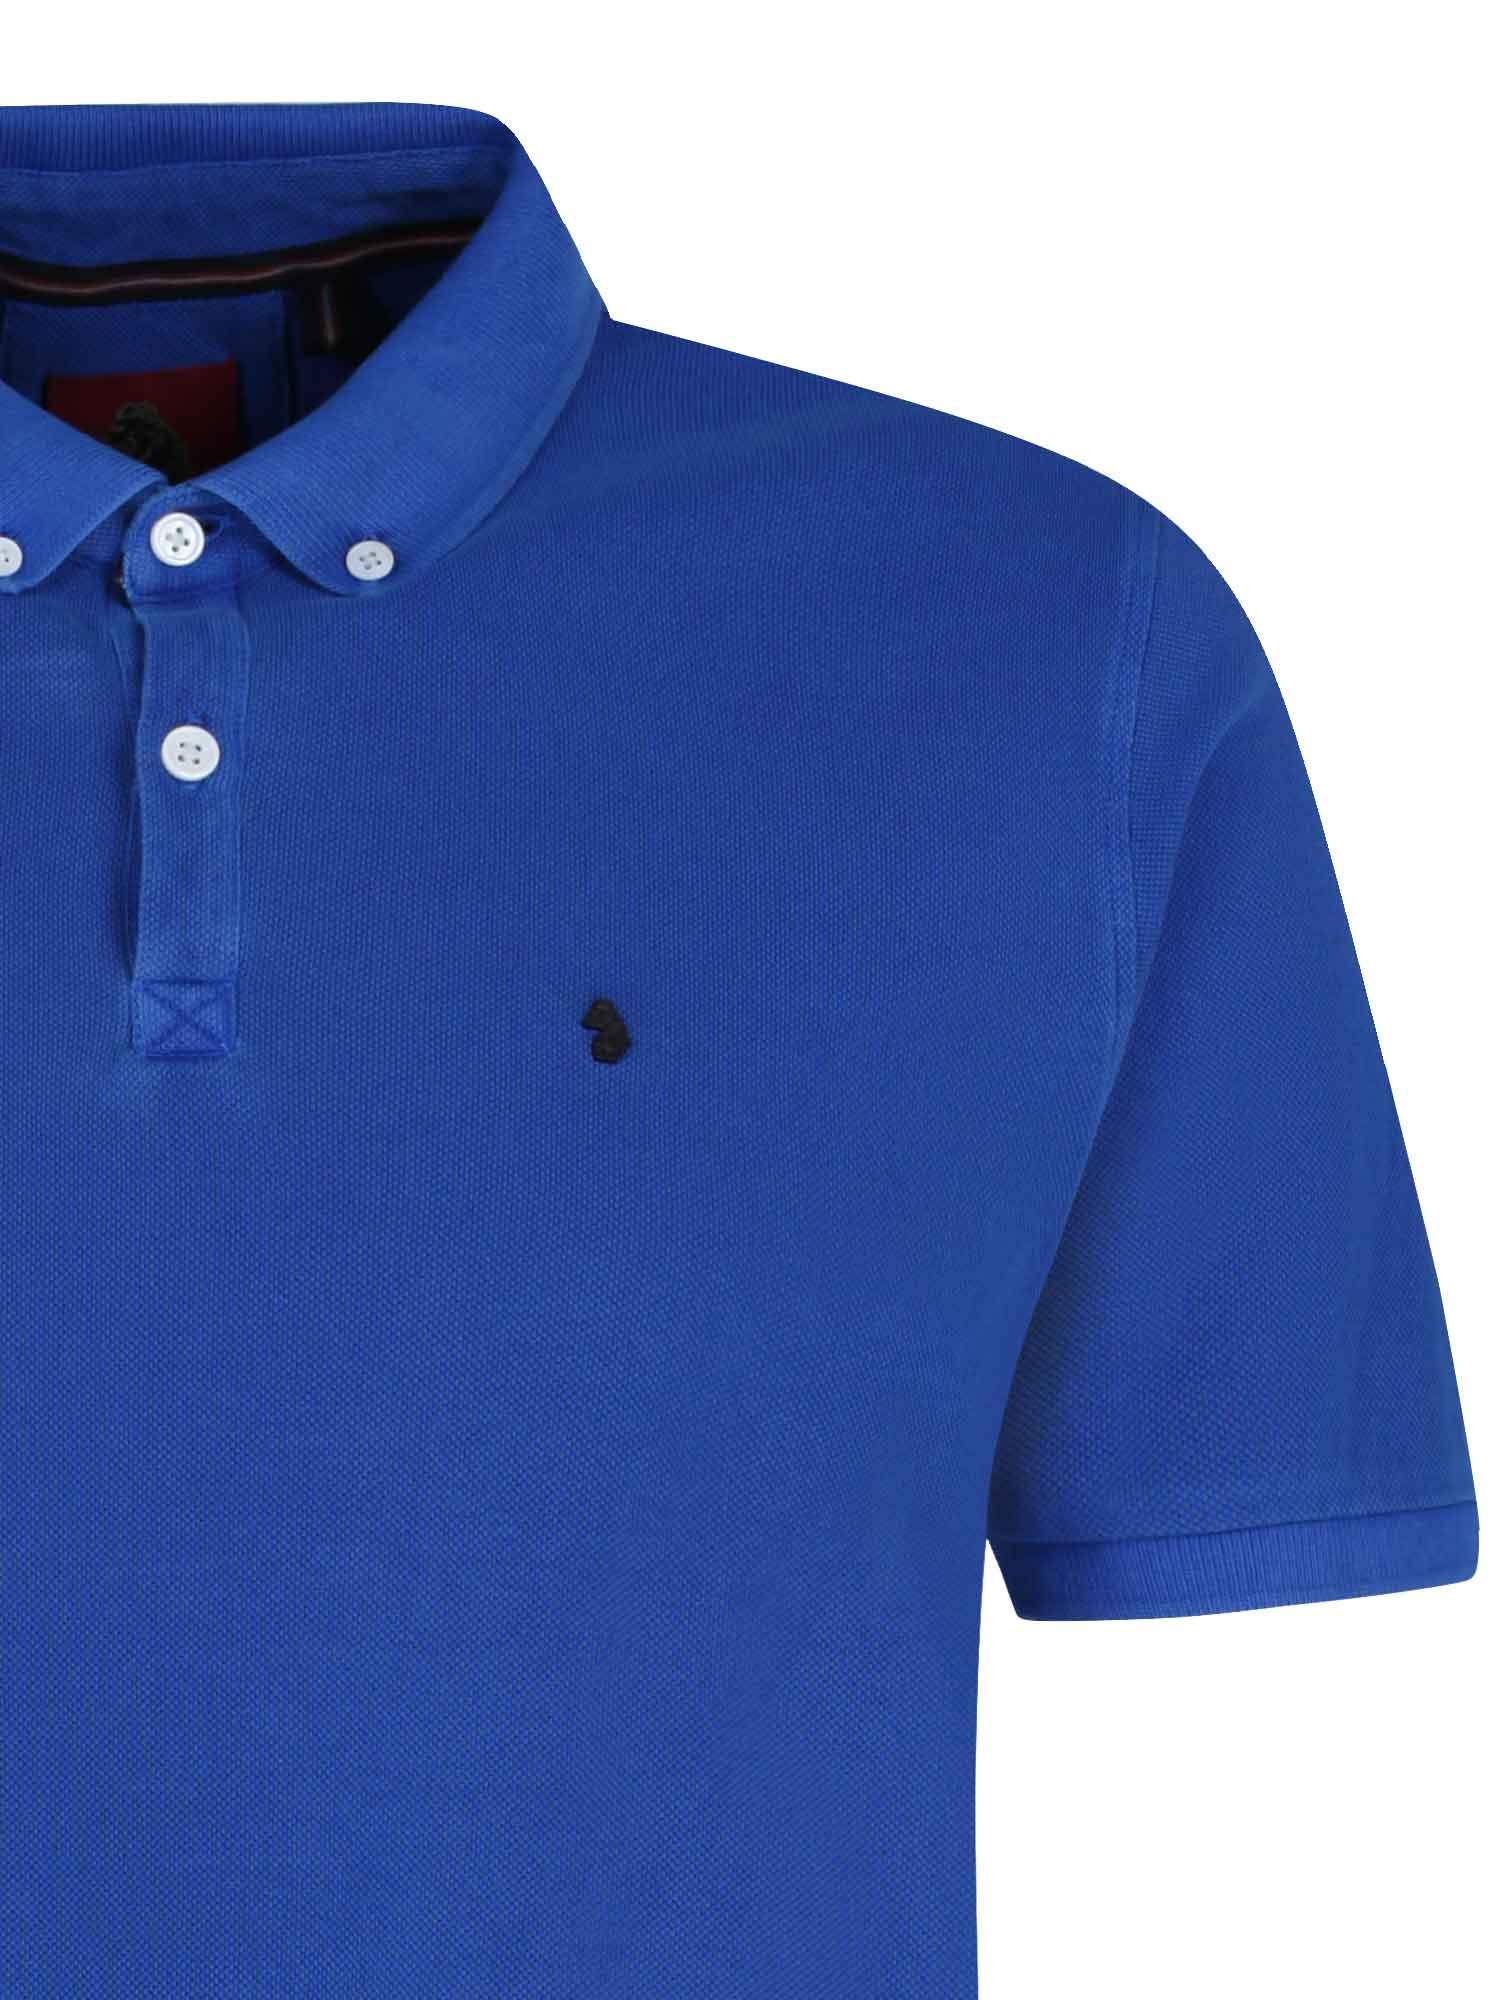 Luke 1977 Mens Basking Short Sleeve Summer Button Up Polo